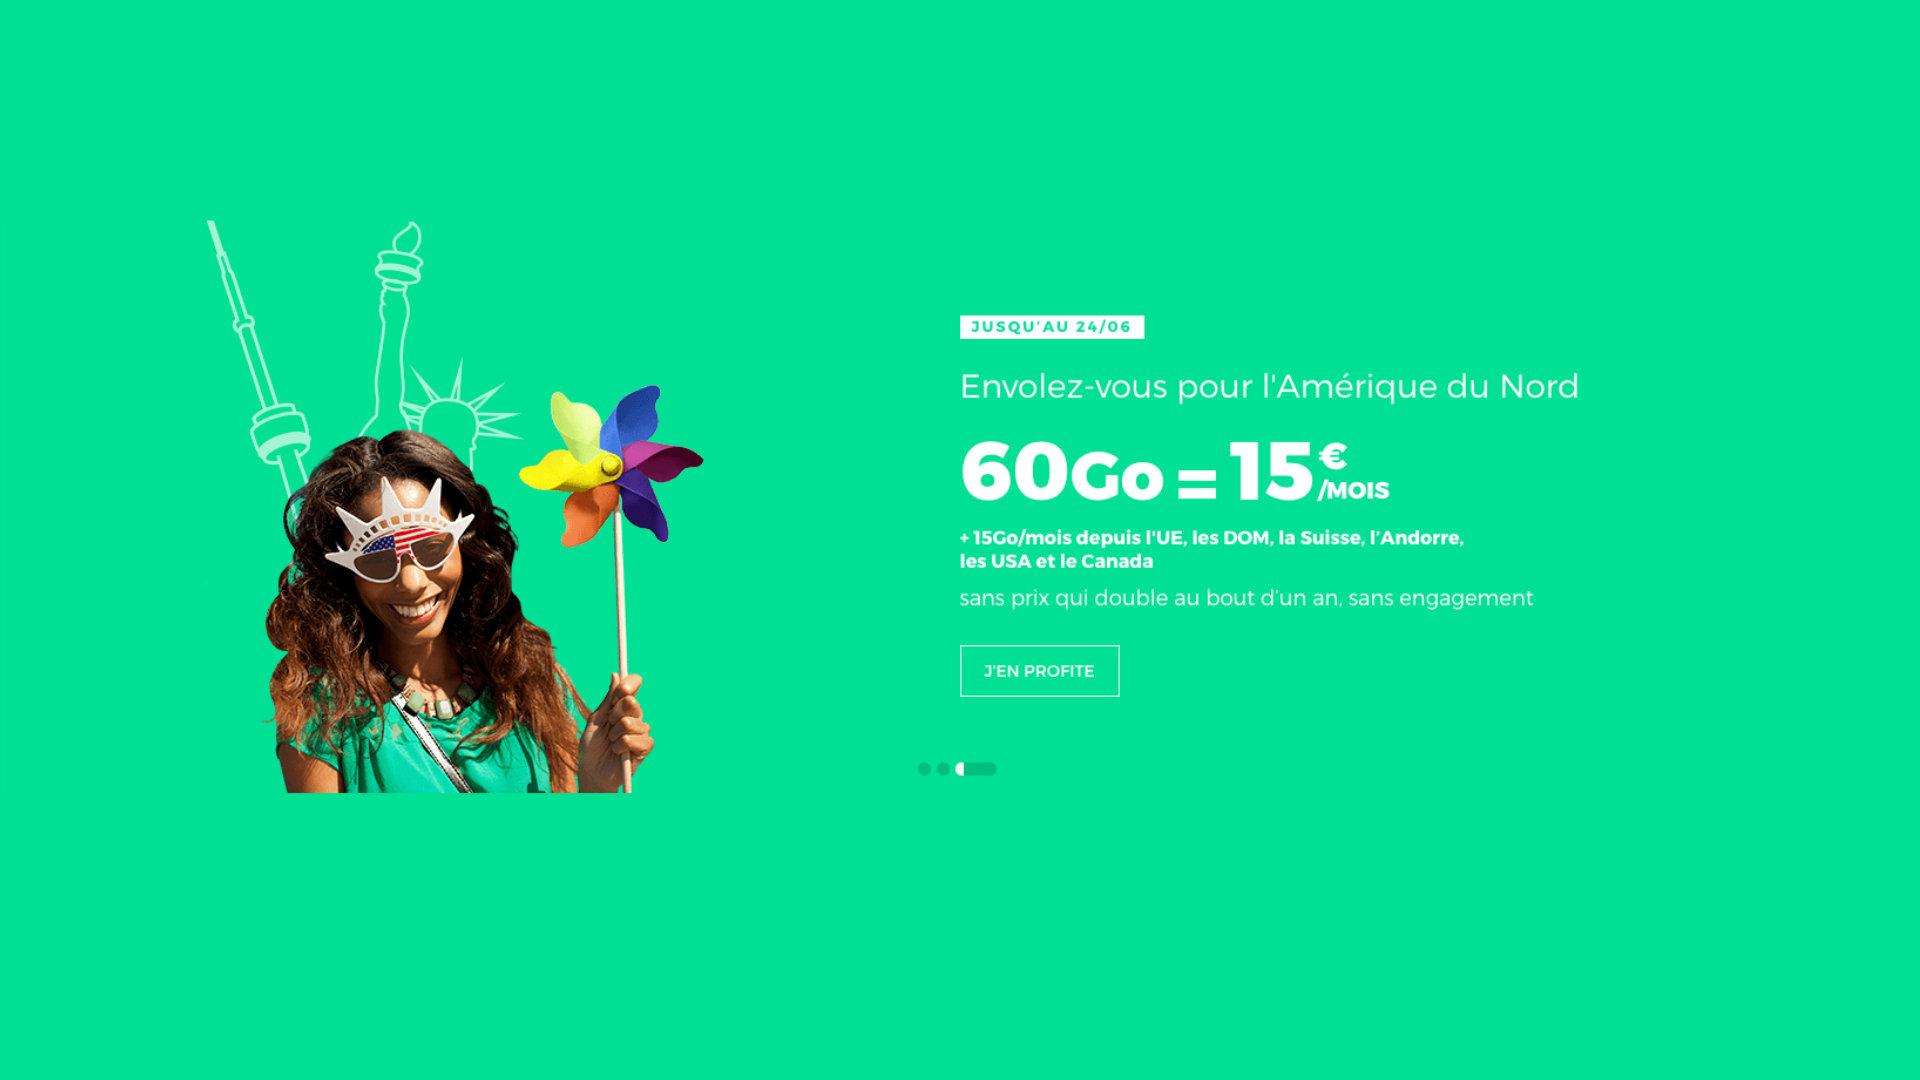 Anticipez vos vacances avec ce forfait mobile 60 Go pour 15 euros par mois seulement